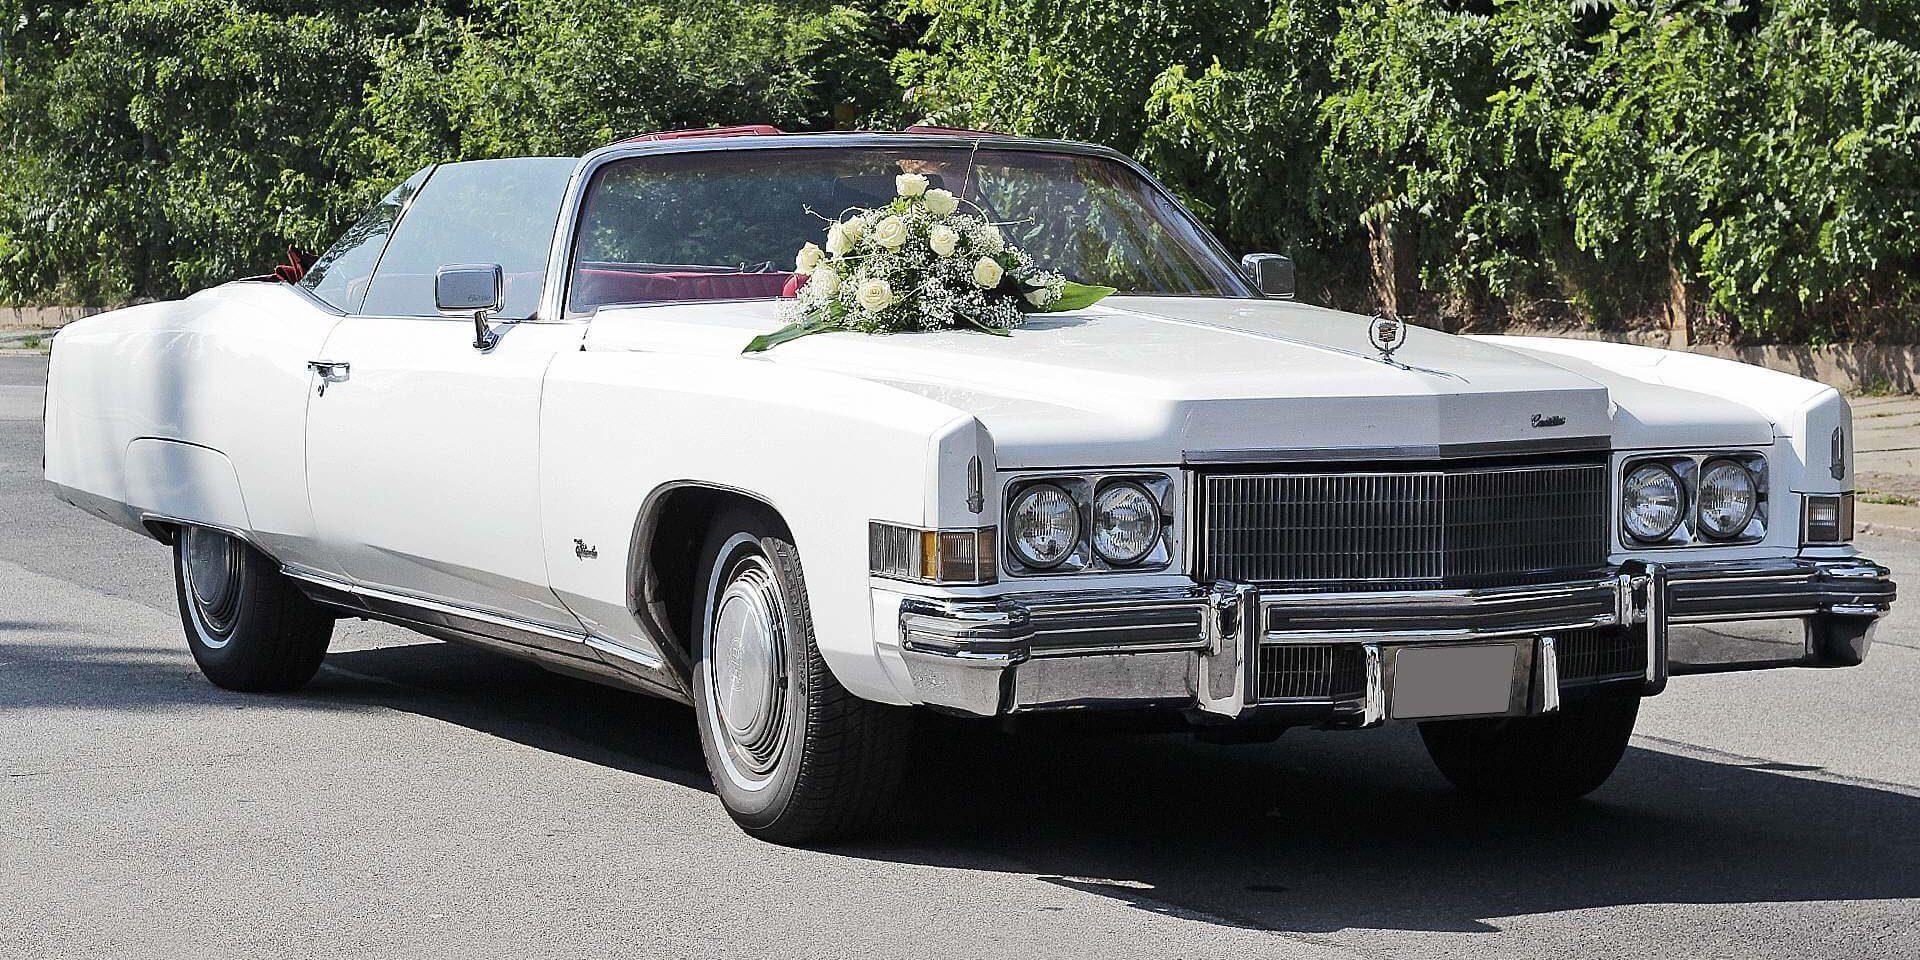 Cadillac Eldorado Frontansicht mit Blumenschmuck